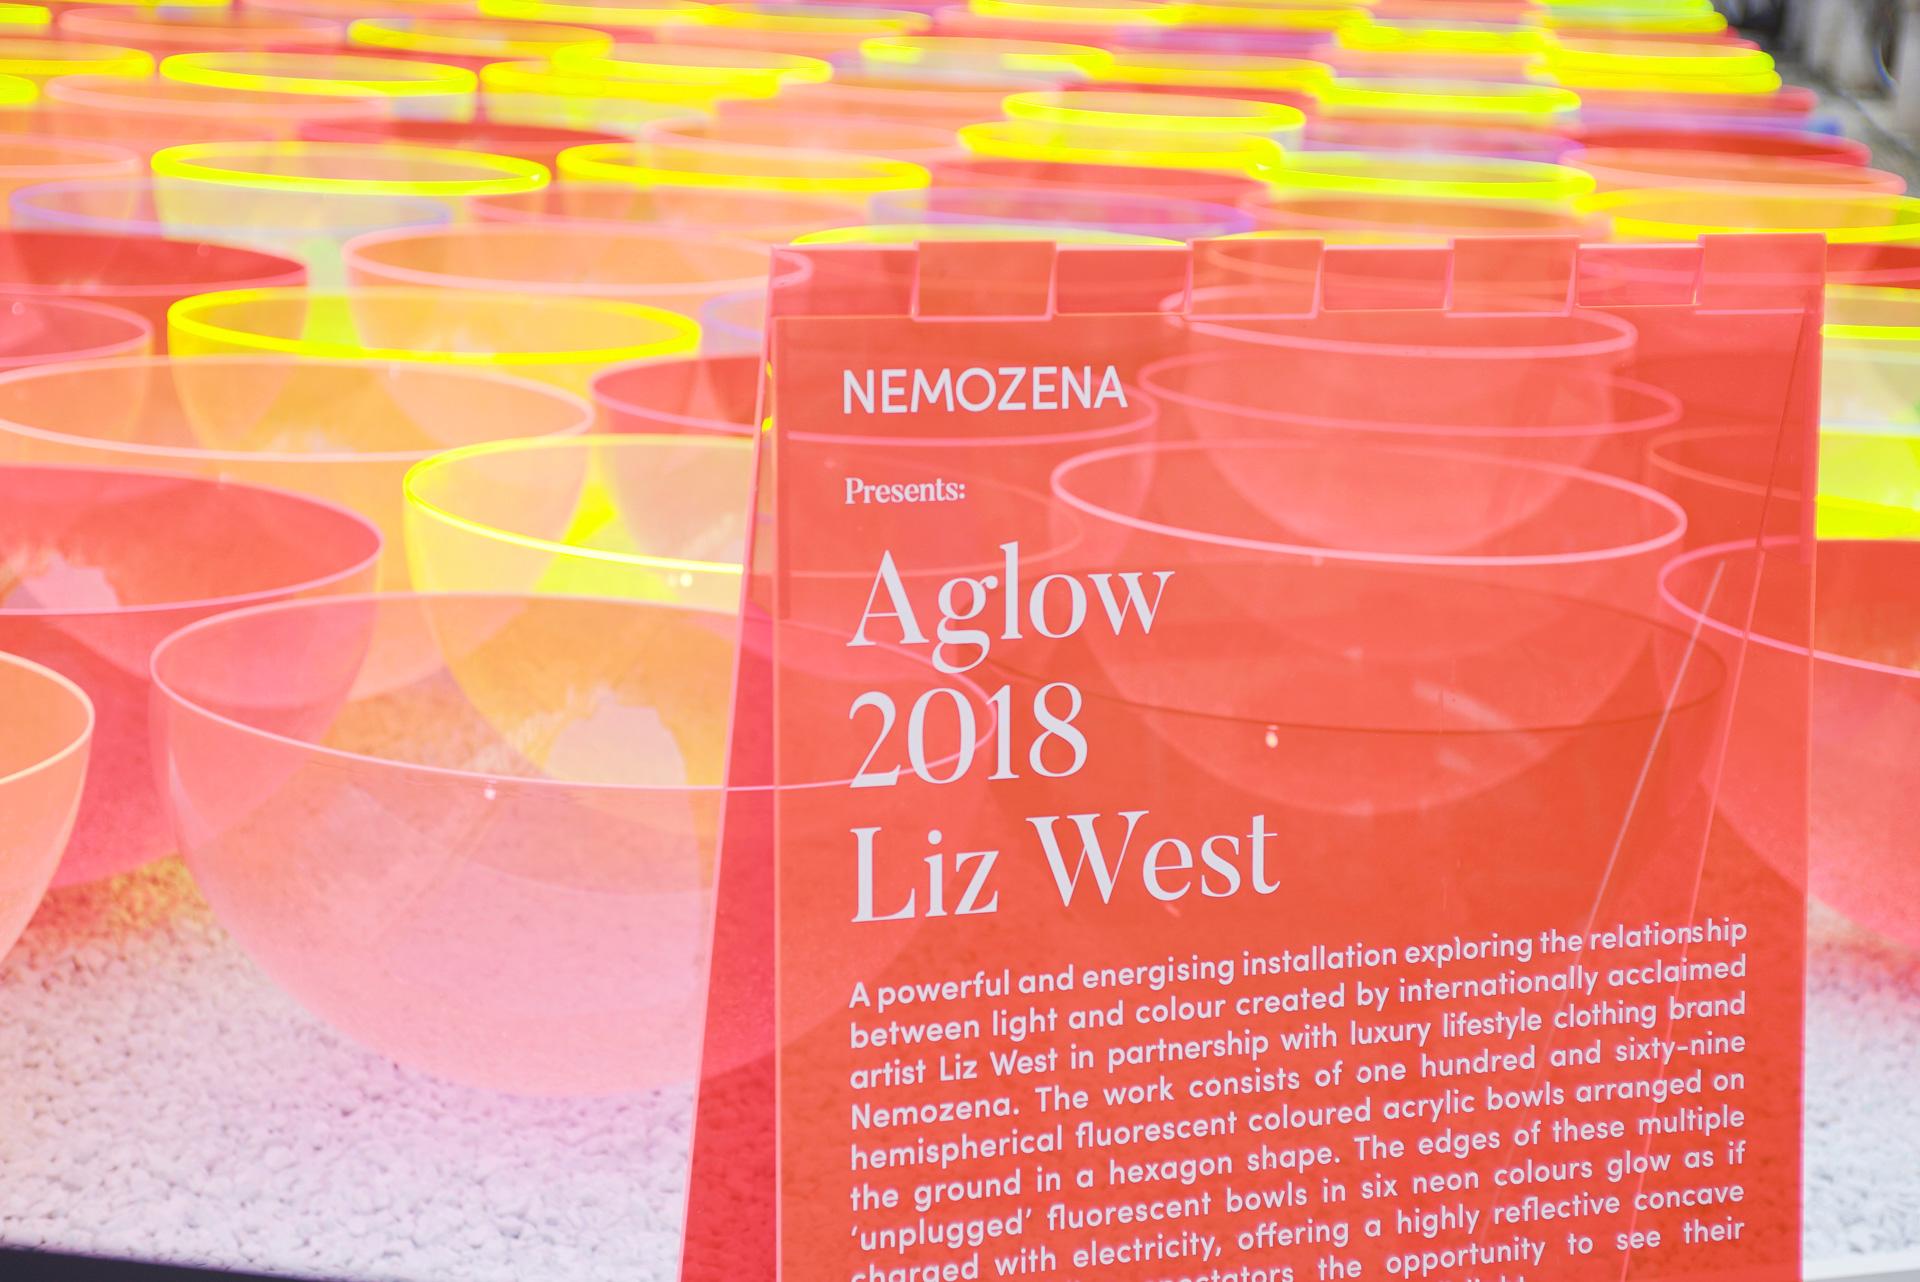 Aglow by Liz West x Nemozena